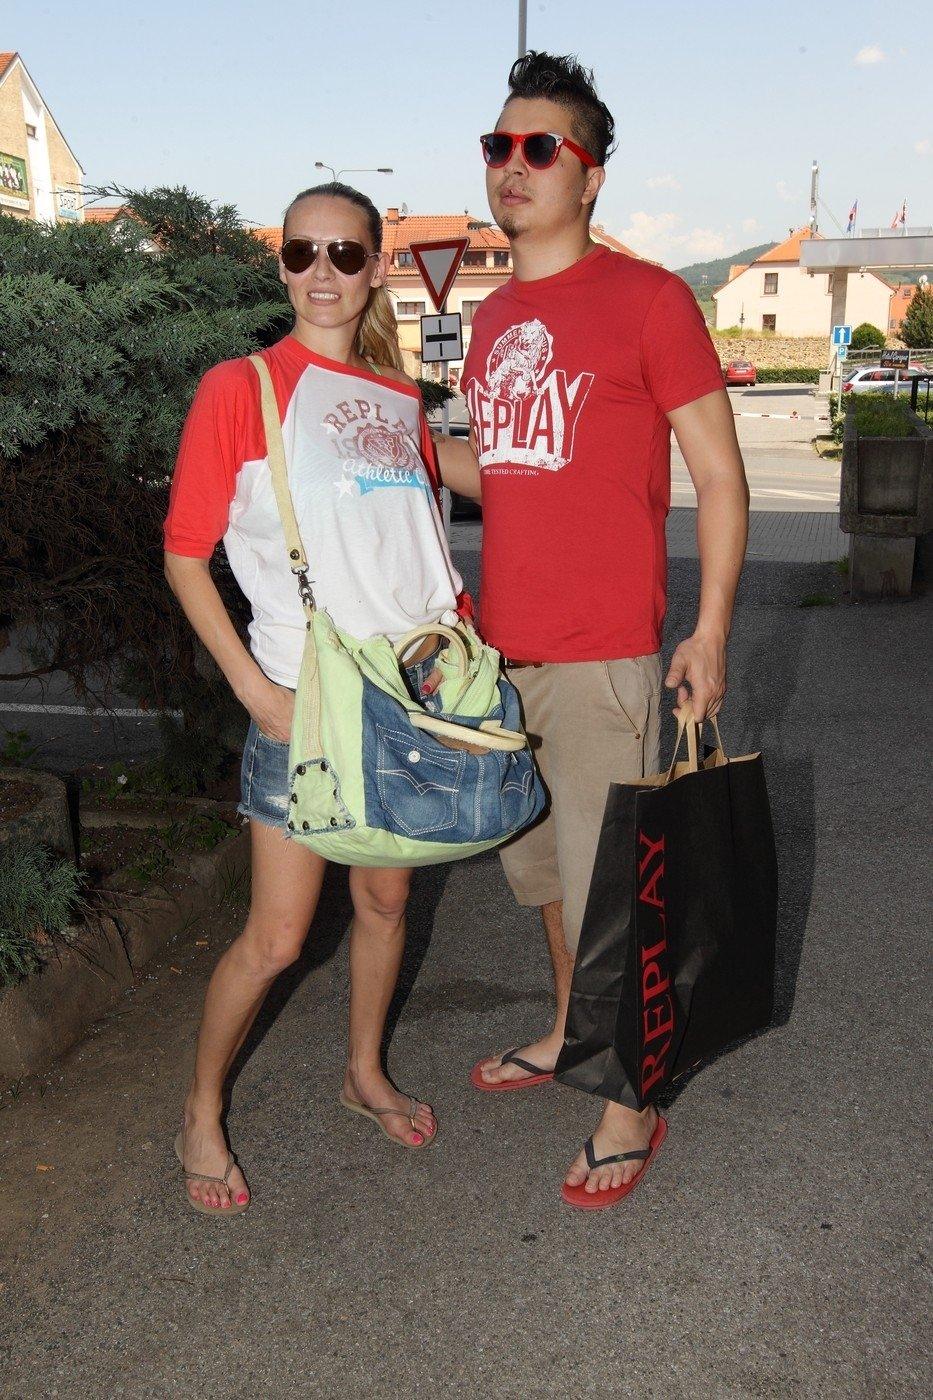 Martina Gavriely nakupovala v outletu Replay. Asistovat ji samozřejmě musel její zajíček Marcus Tran.